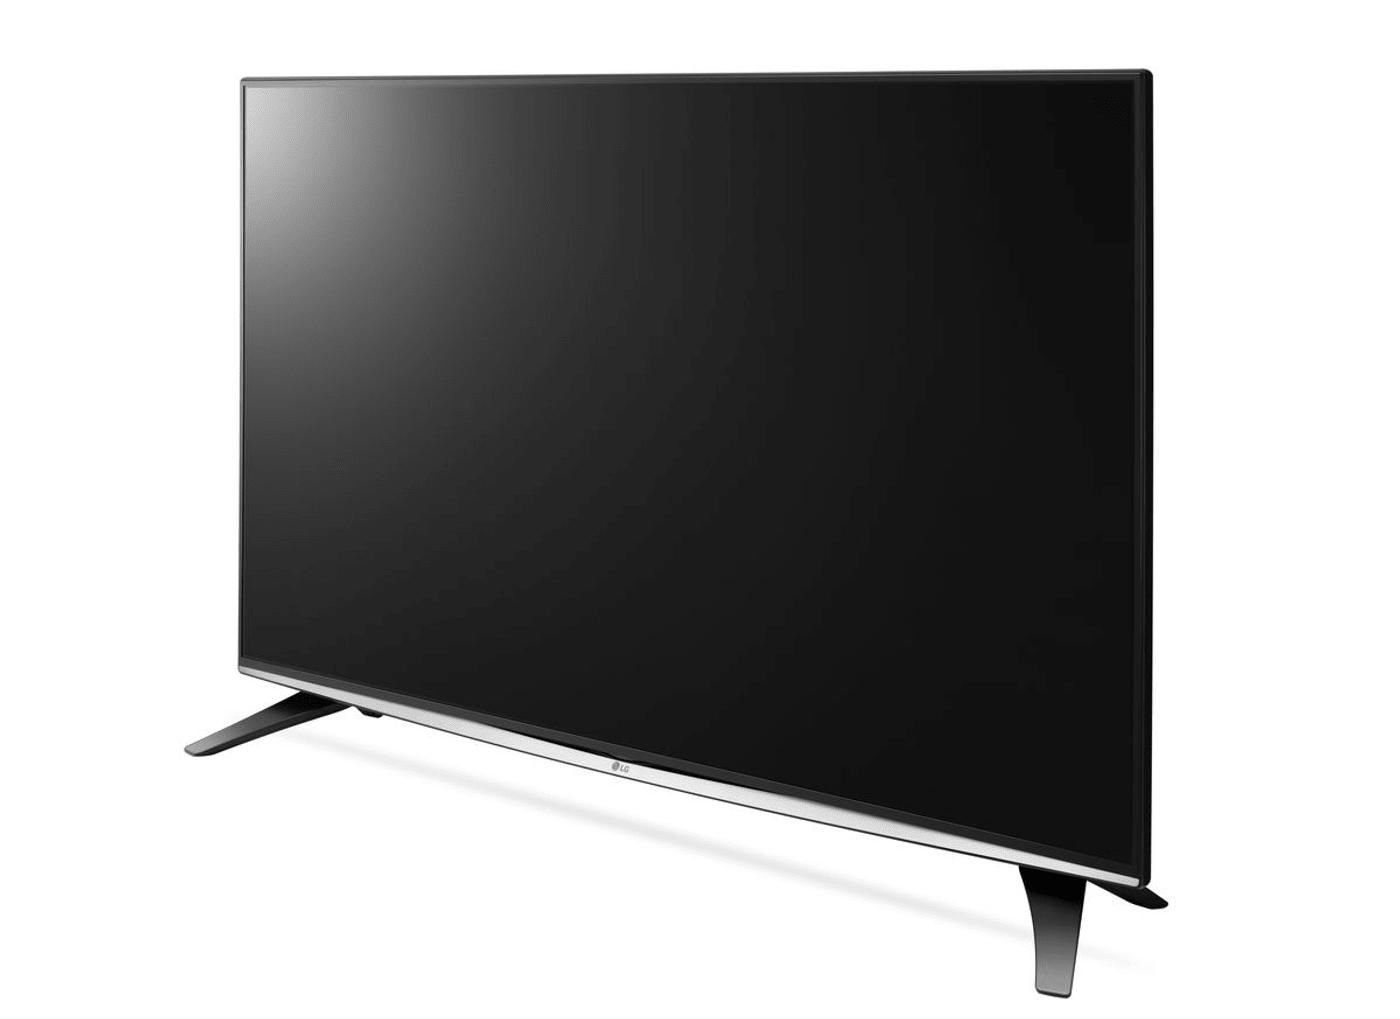 lg 58uh635v 146 cm 4k uhd led fernseher migros. Black Bedroom Furniture Sets. Home Design Ideas